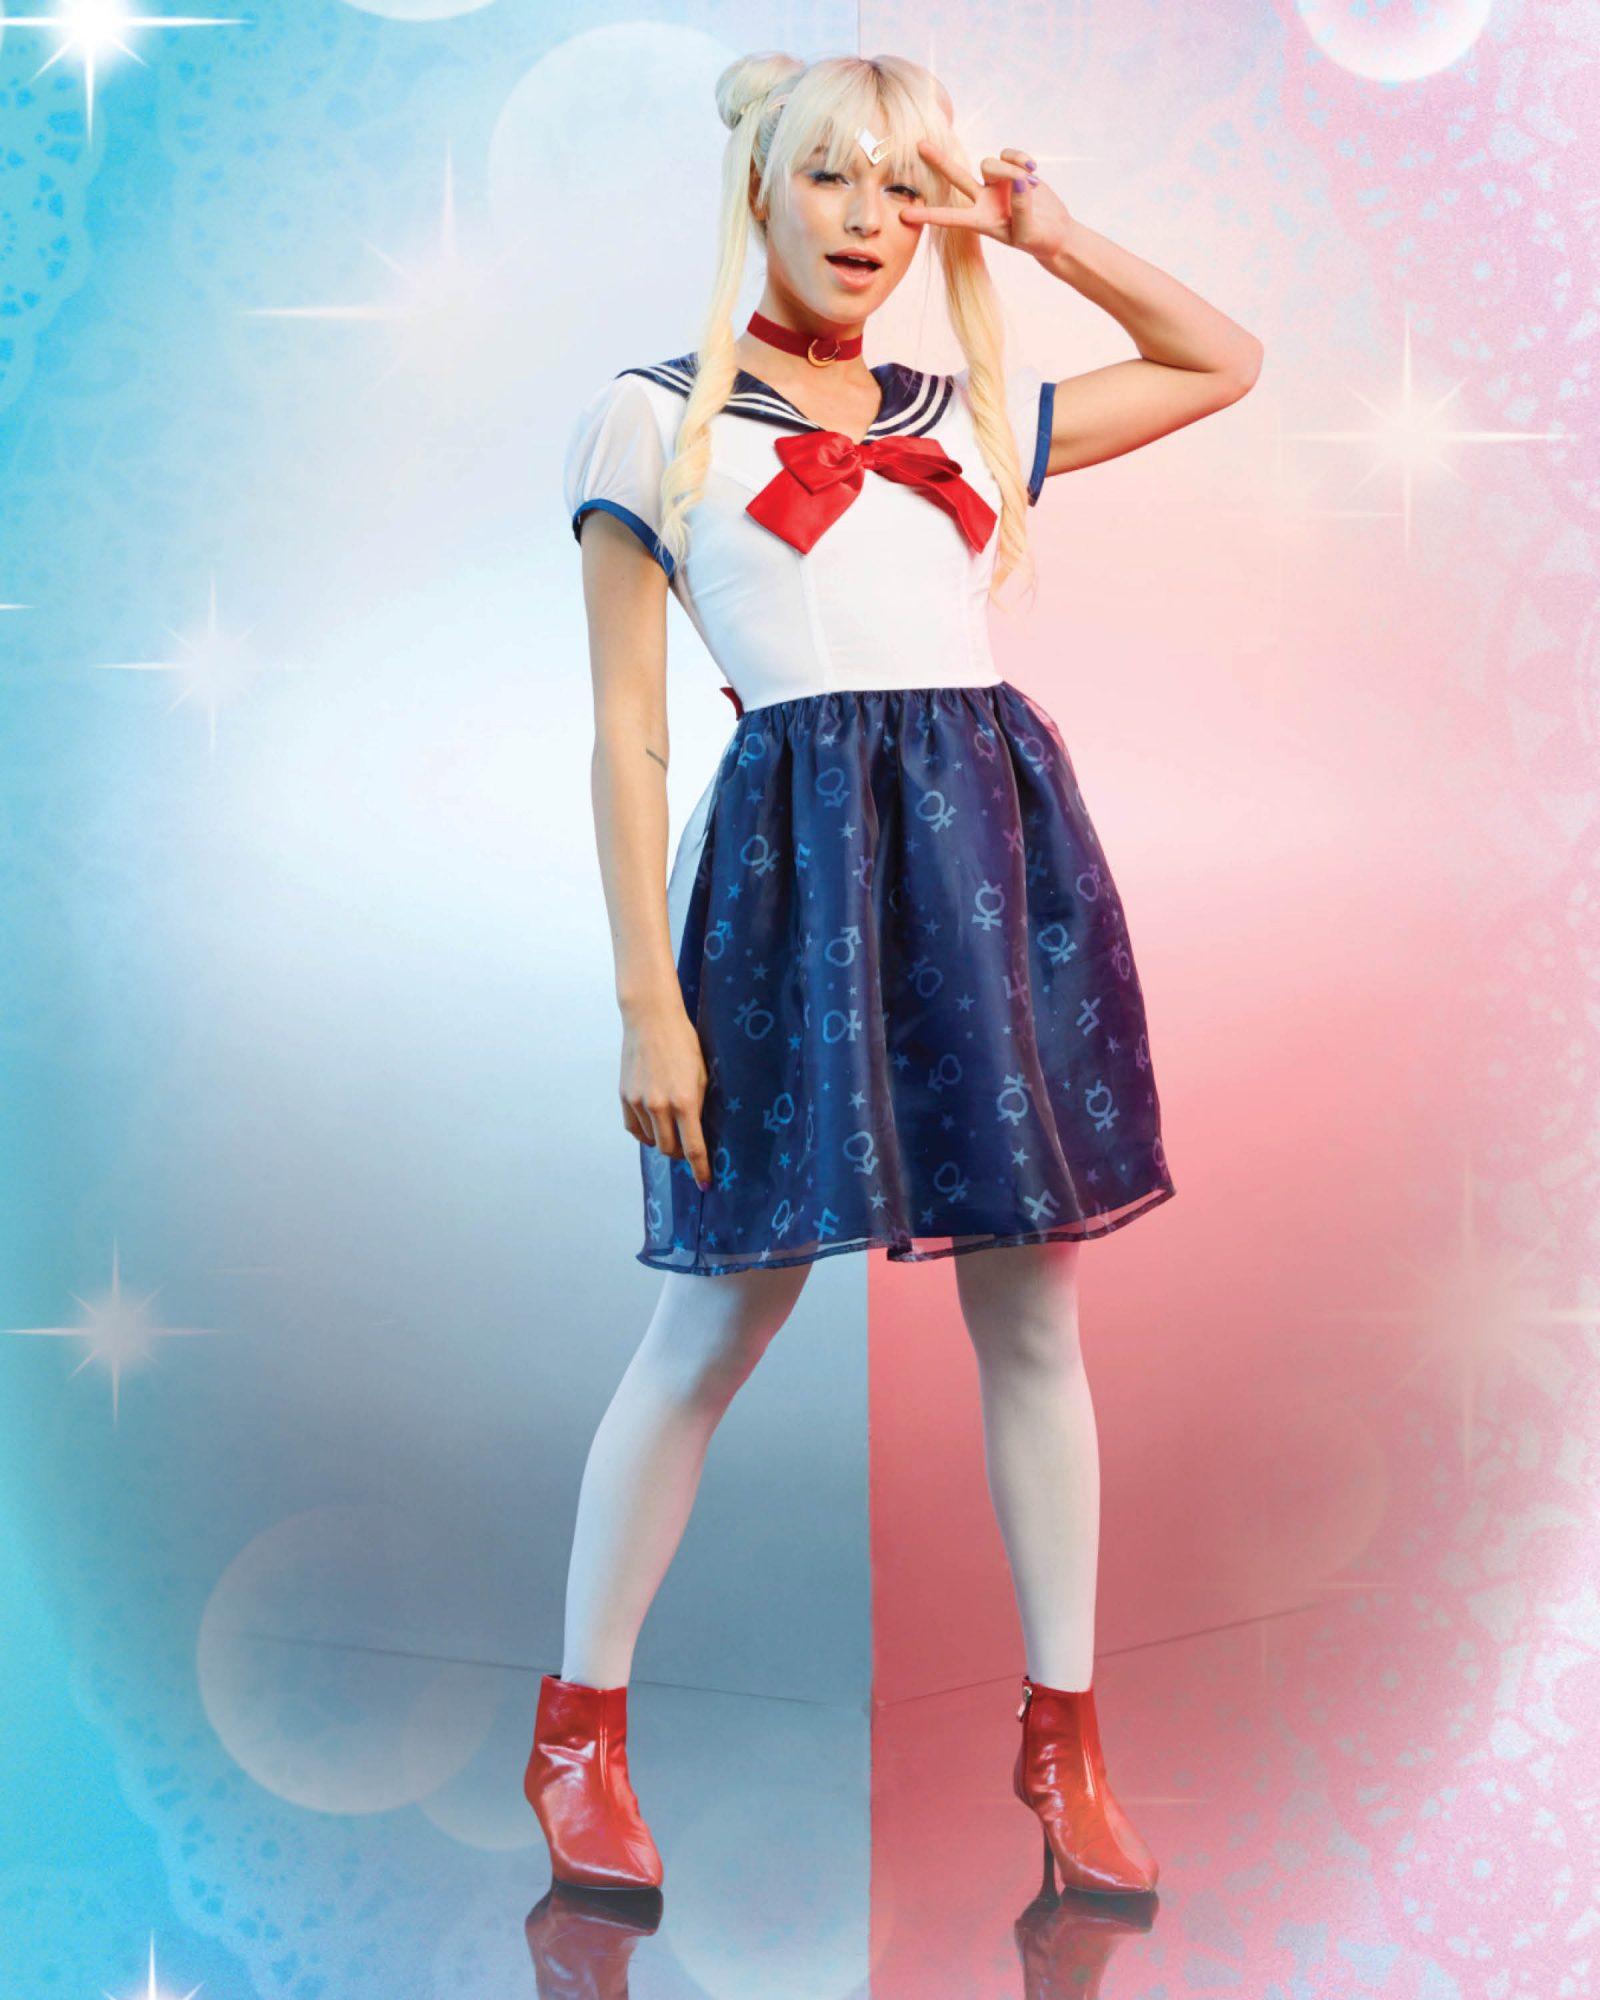 Cosplay-Dress.jpg